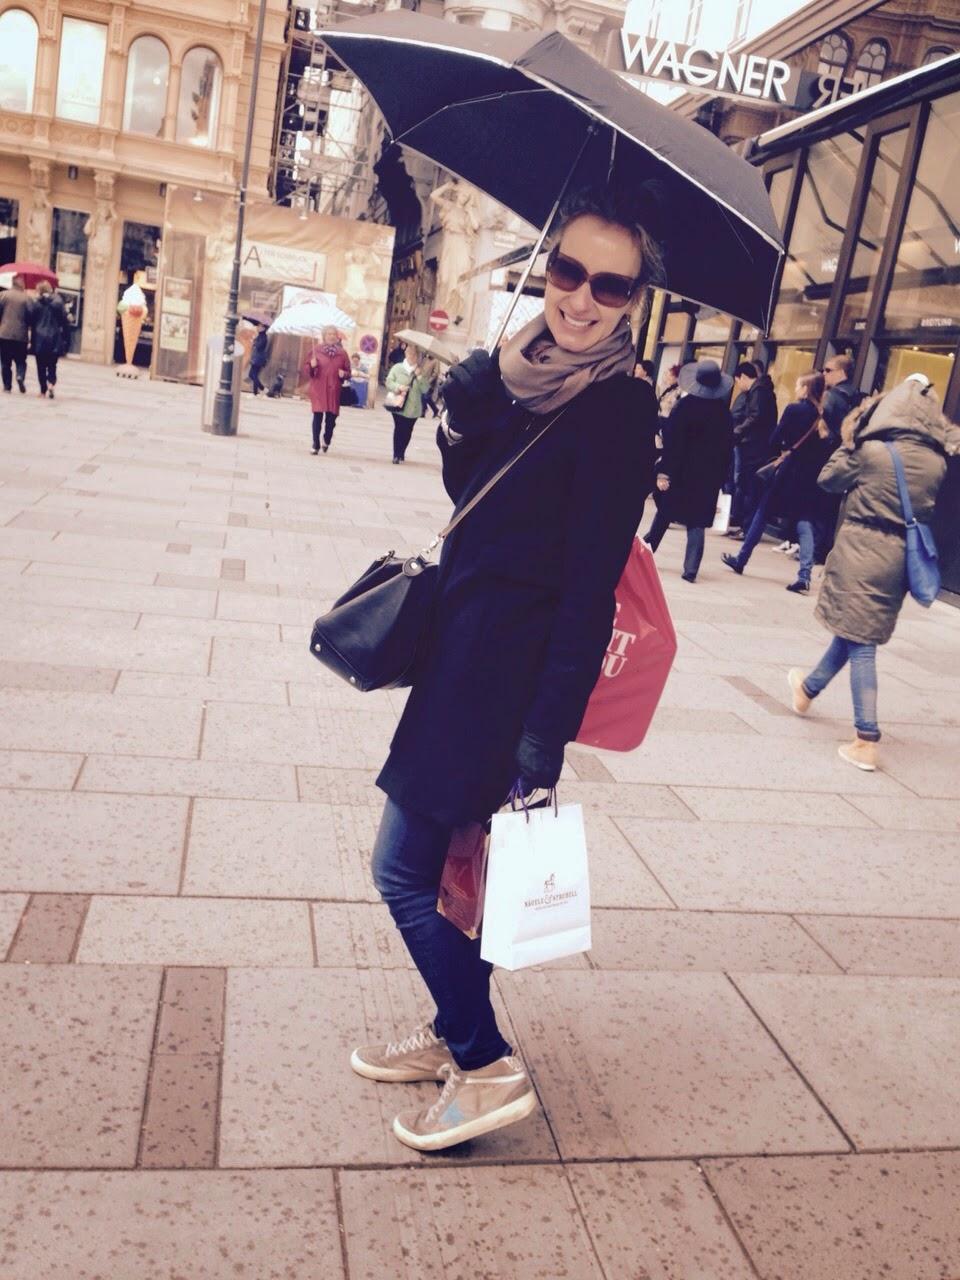 Einkaufsbummel in Wien